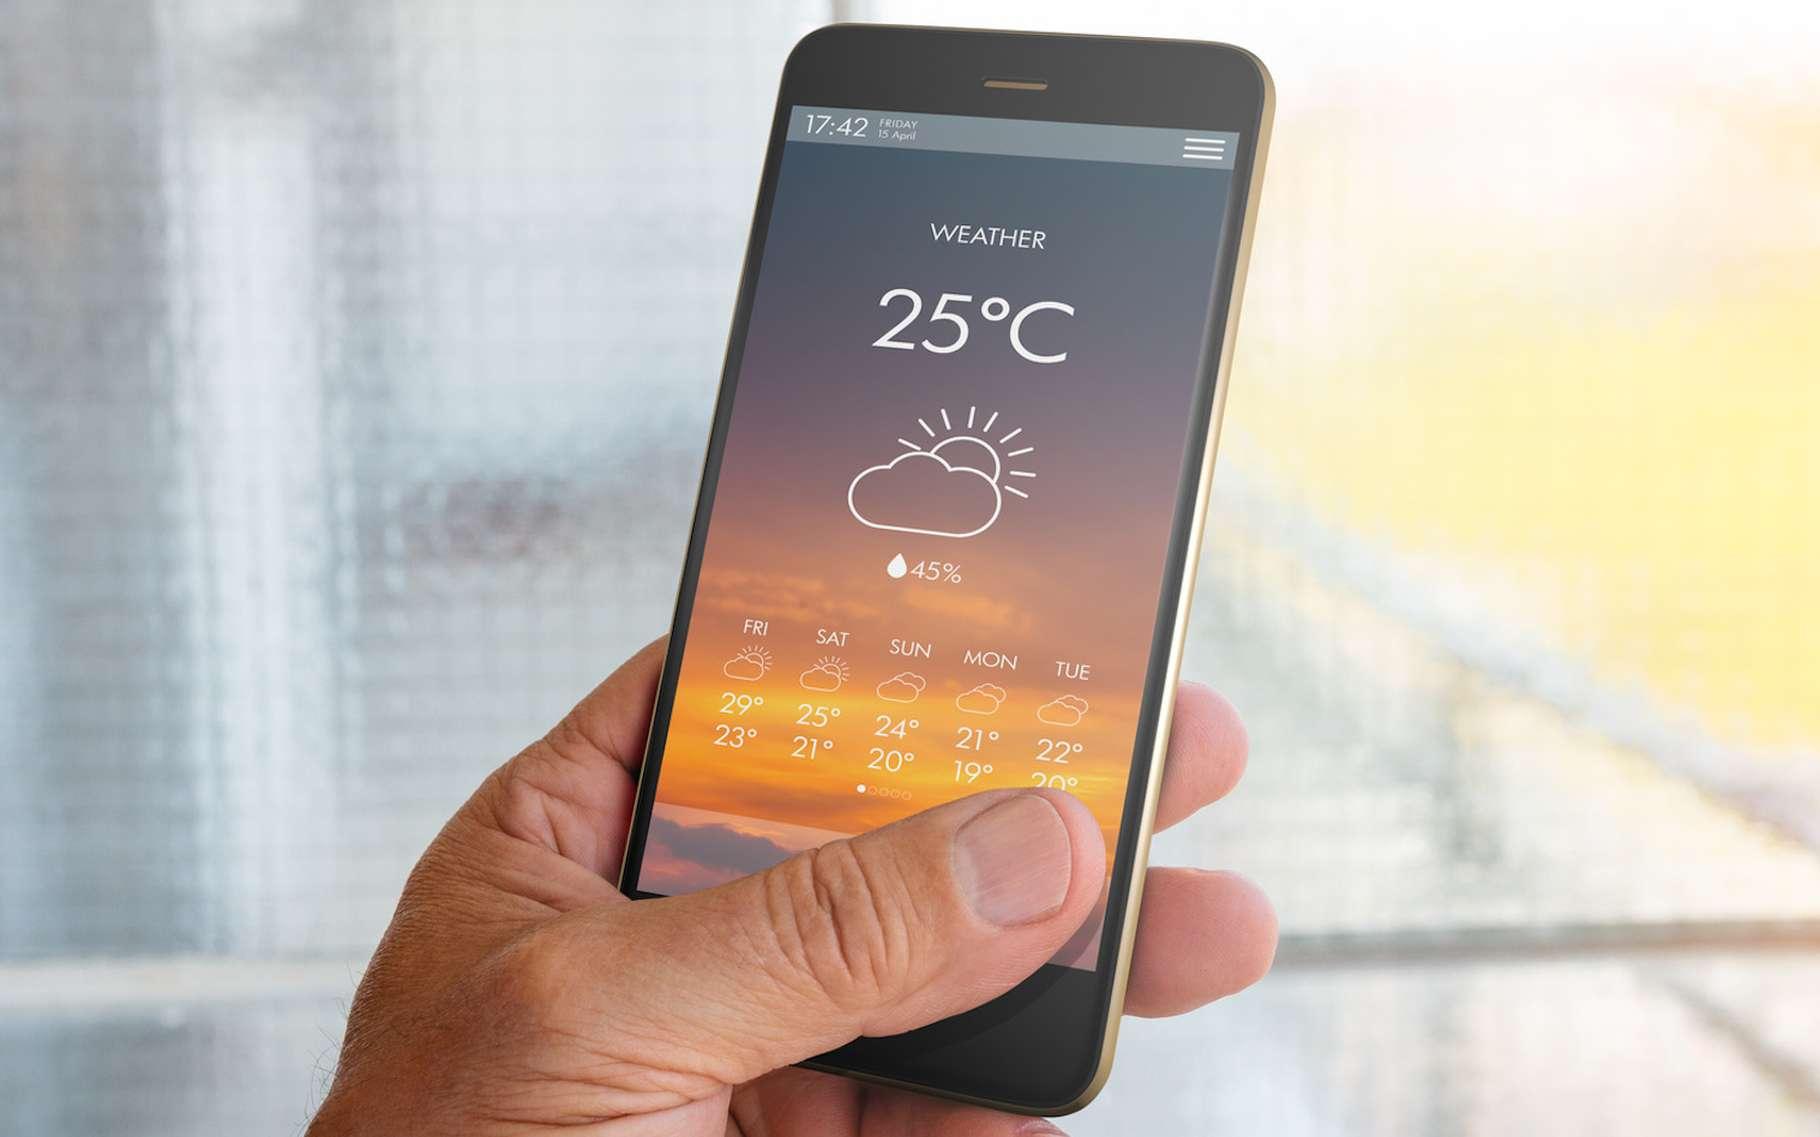 Les prévisions météo se posent sur un laps de temps beaucoup plus court que les modèles climatiques. ©Marc, Fotolia